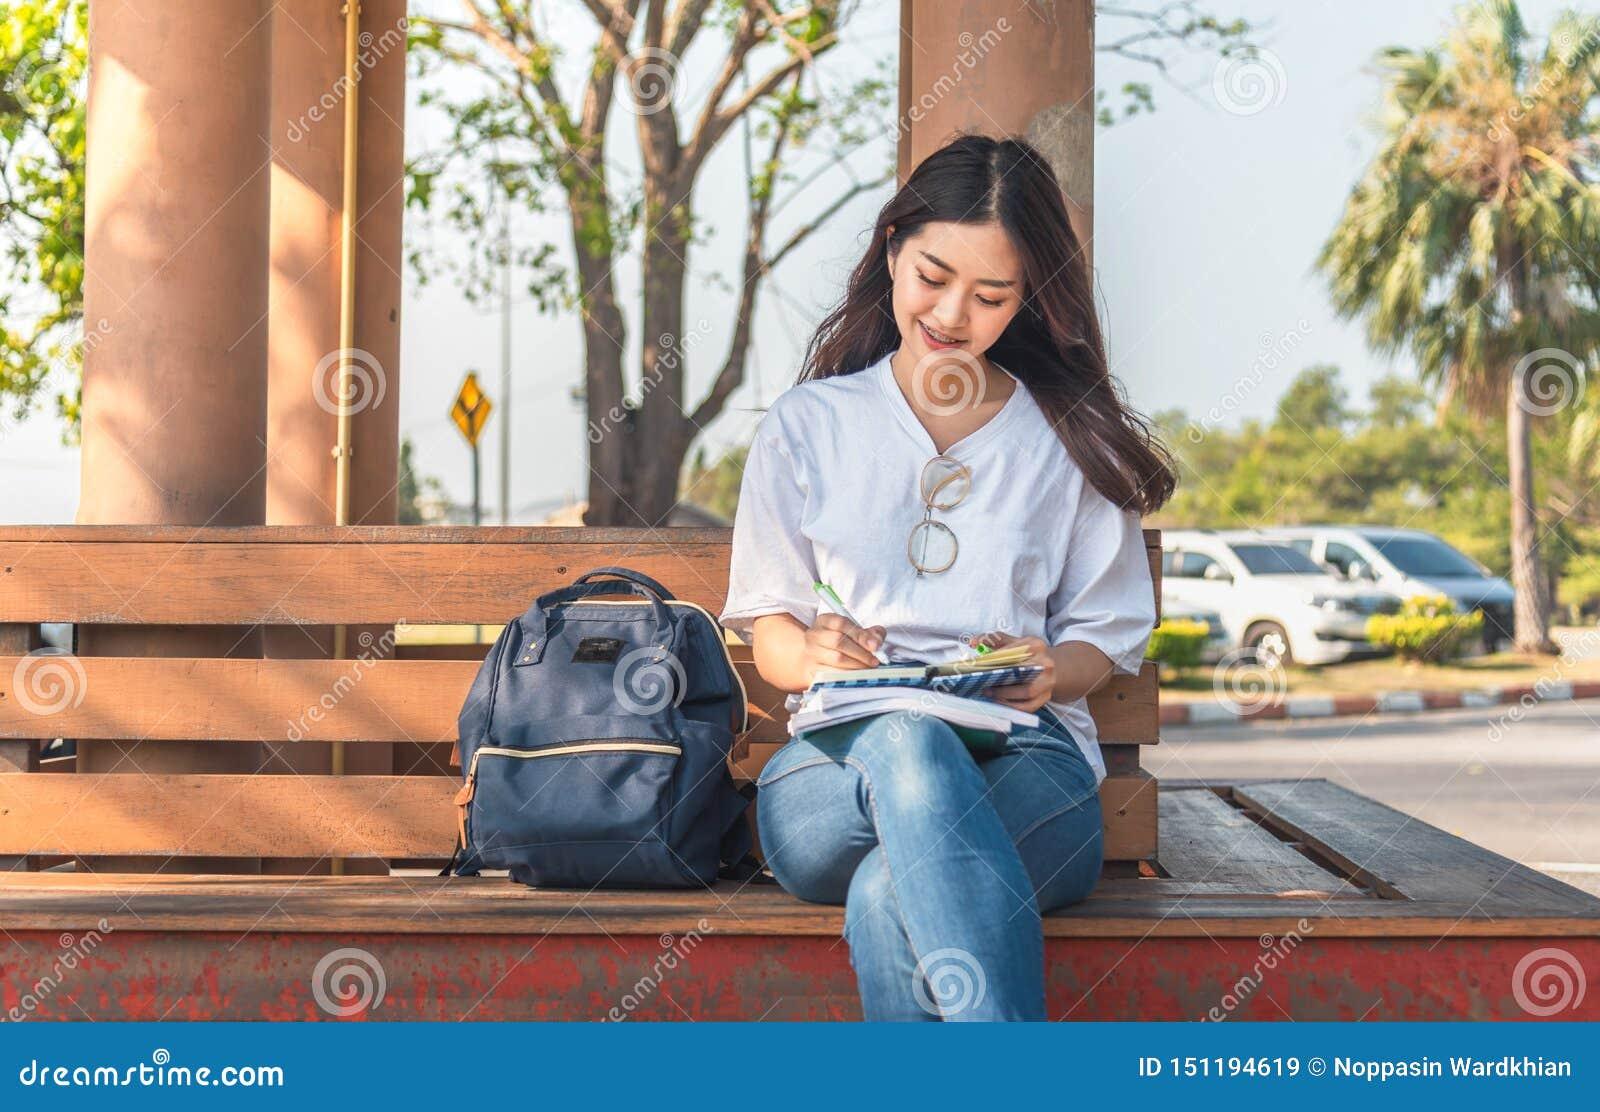 一惊人的美女的图象坐在公园看书的一条长凳